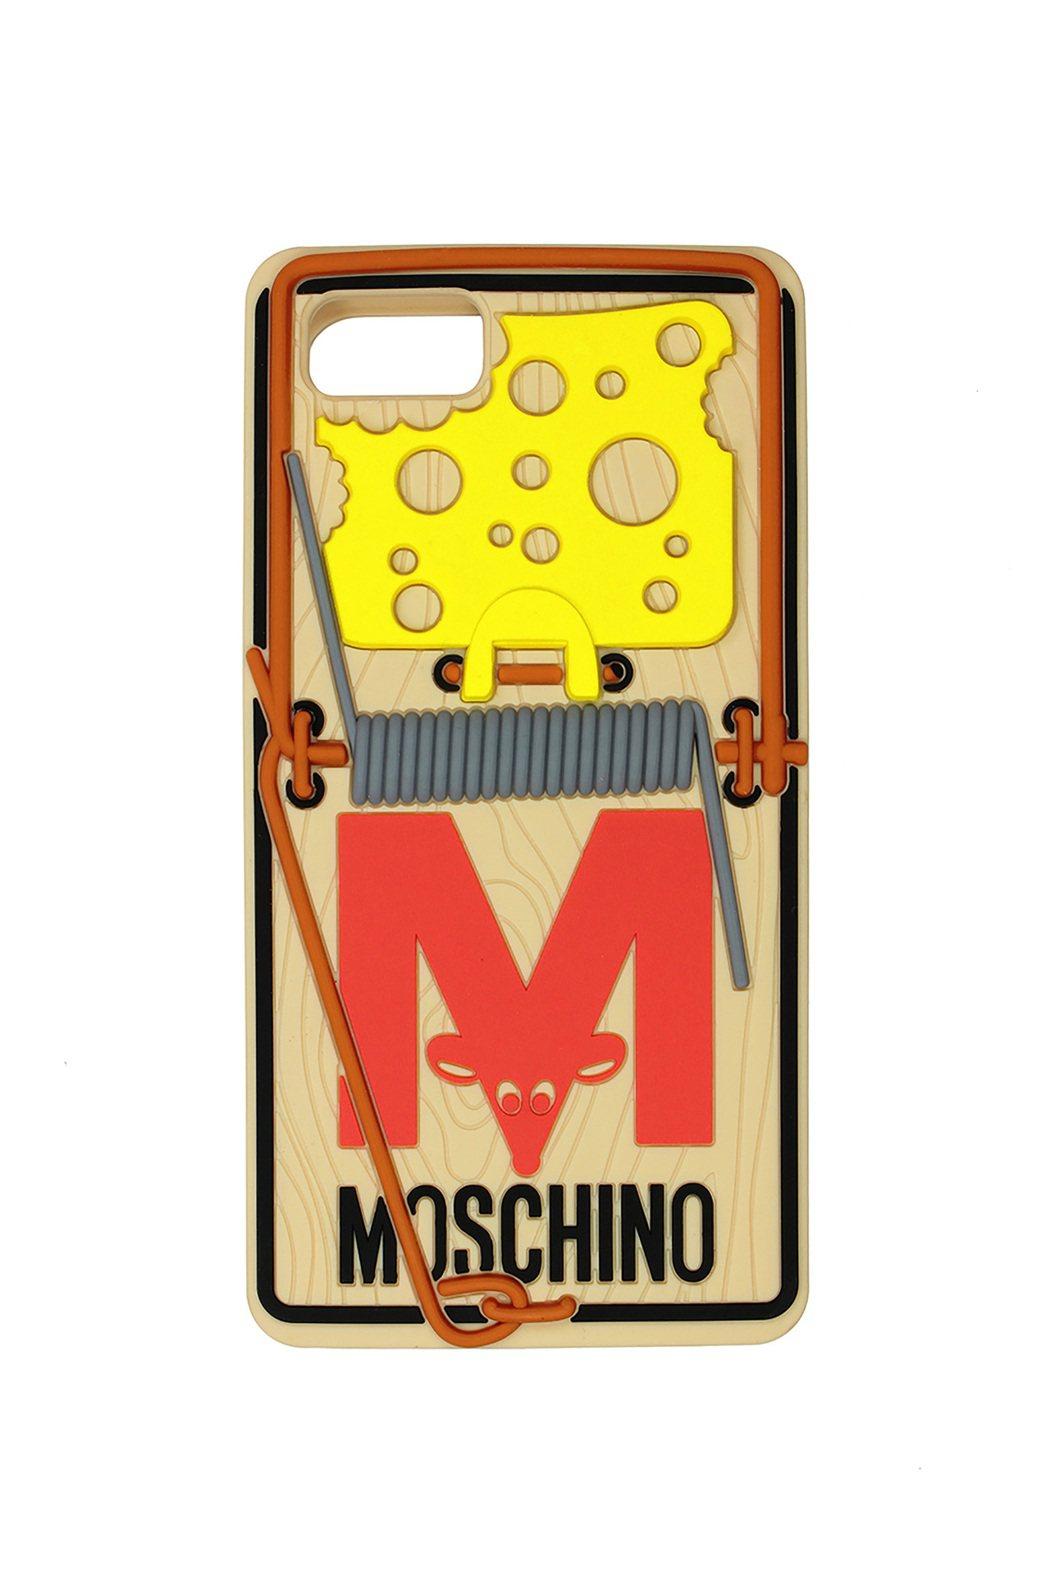 老鼠夾造型手機殼,2,800元。圖/MOSCHINO提供